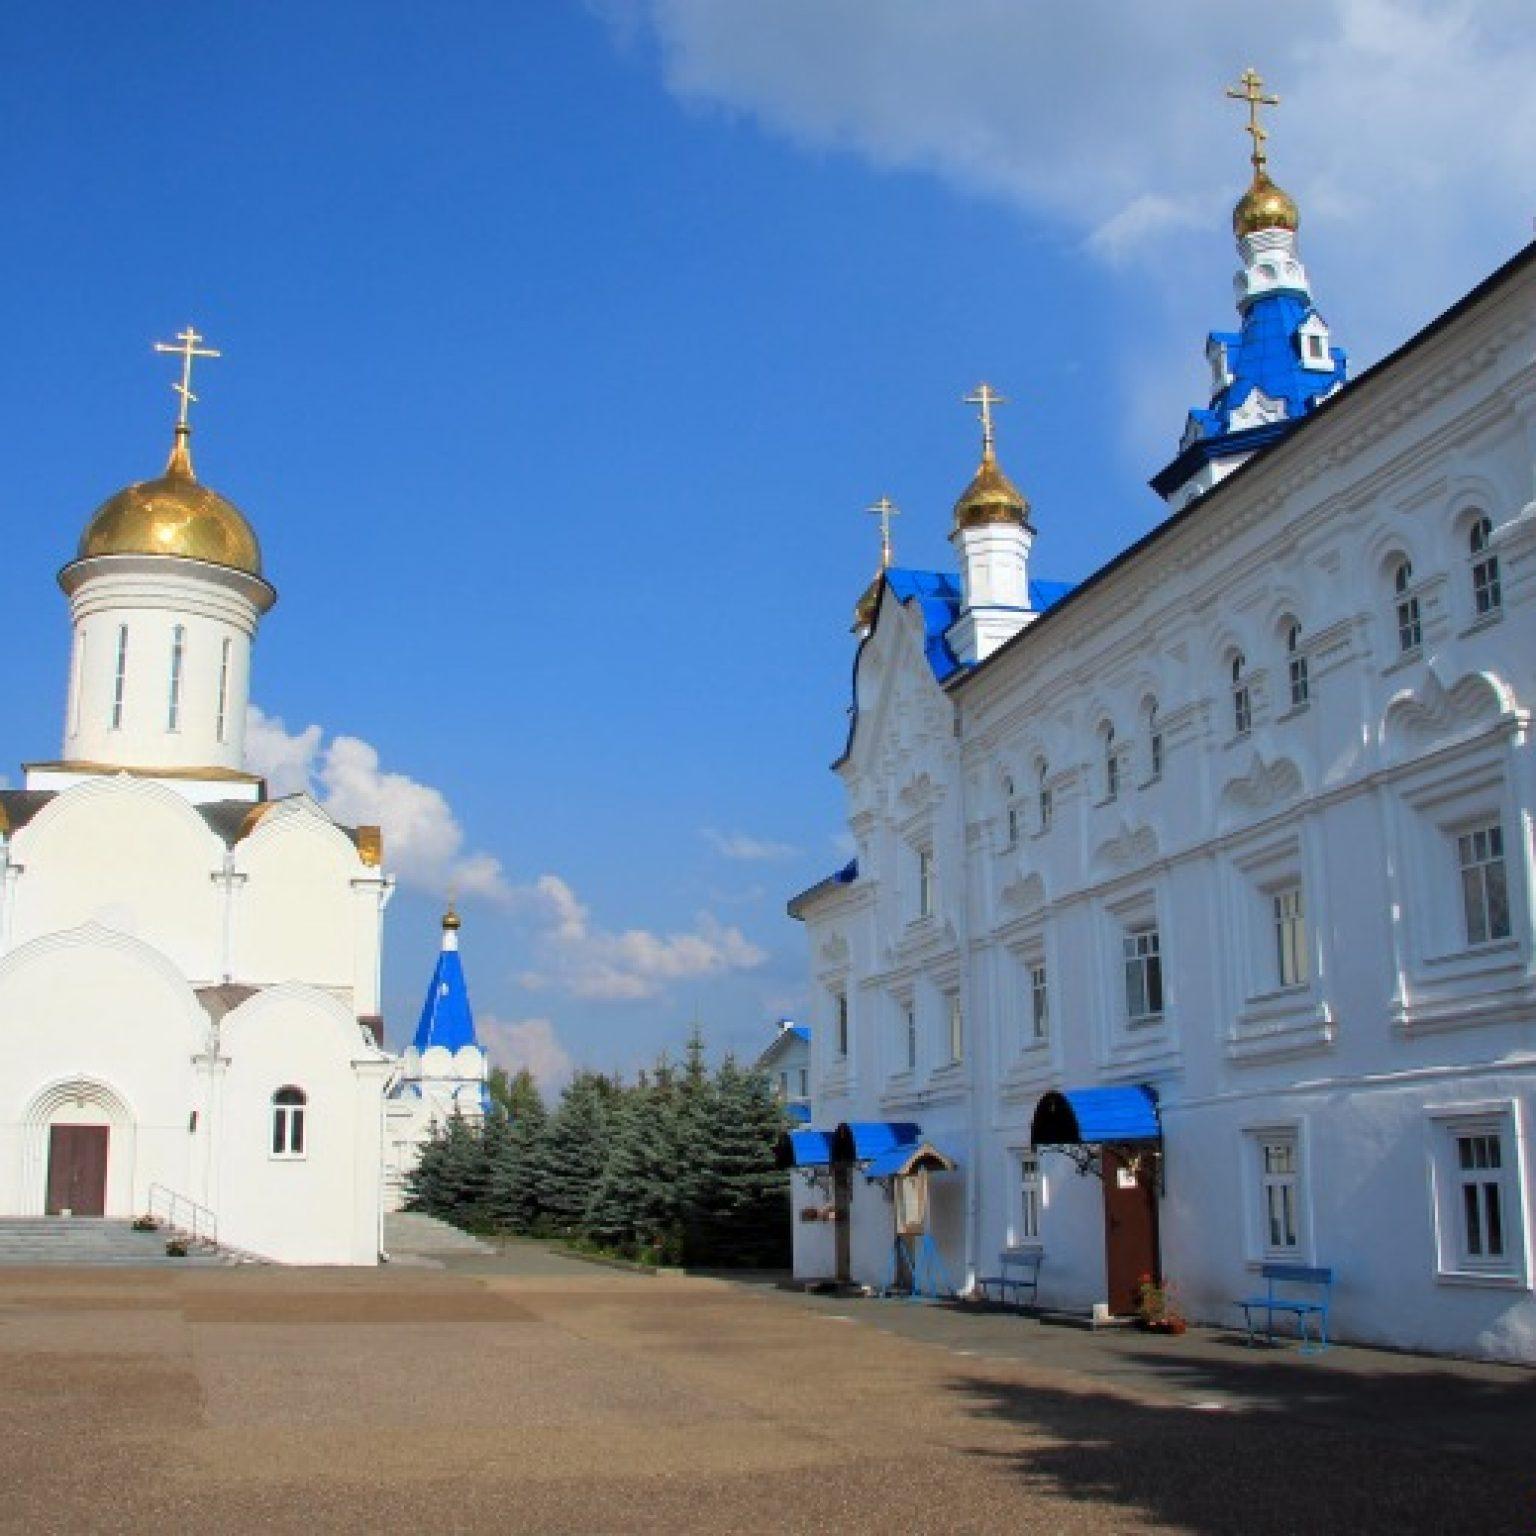 Достопримечательности Казани: Свято-Успенский Зилантов женский монастырь